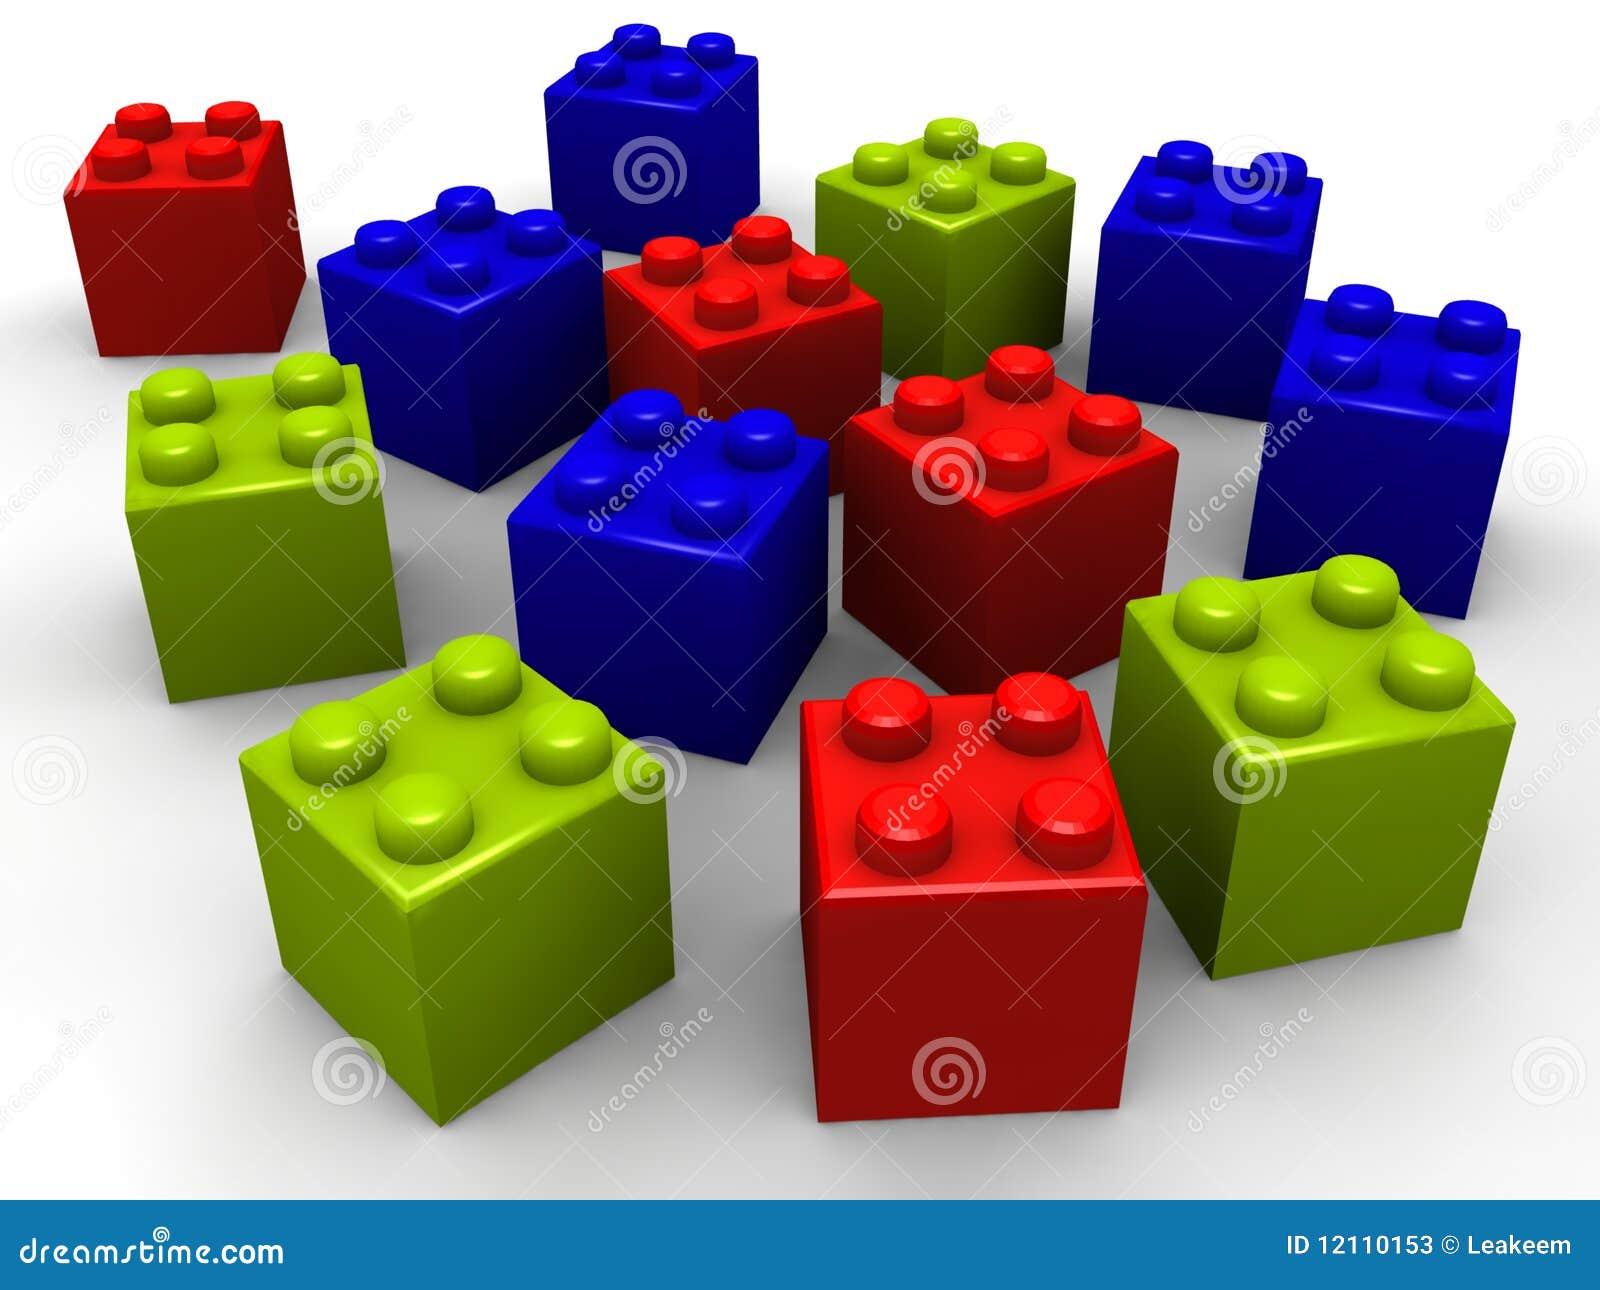 building lego blocks stock illustration image of join 12110153. Black Bedroom Furniture Sets. Home Design Ideas